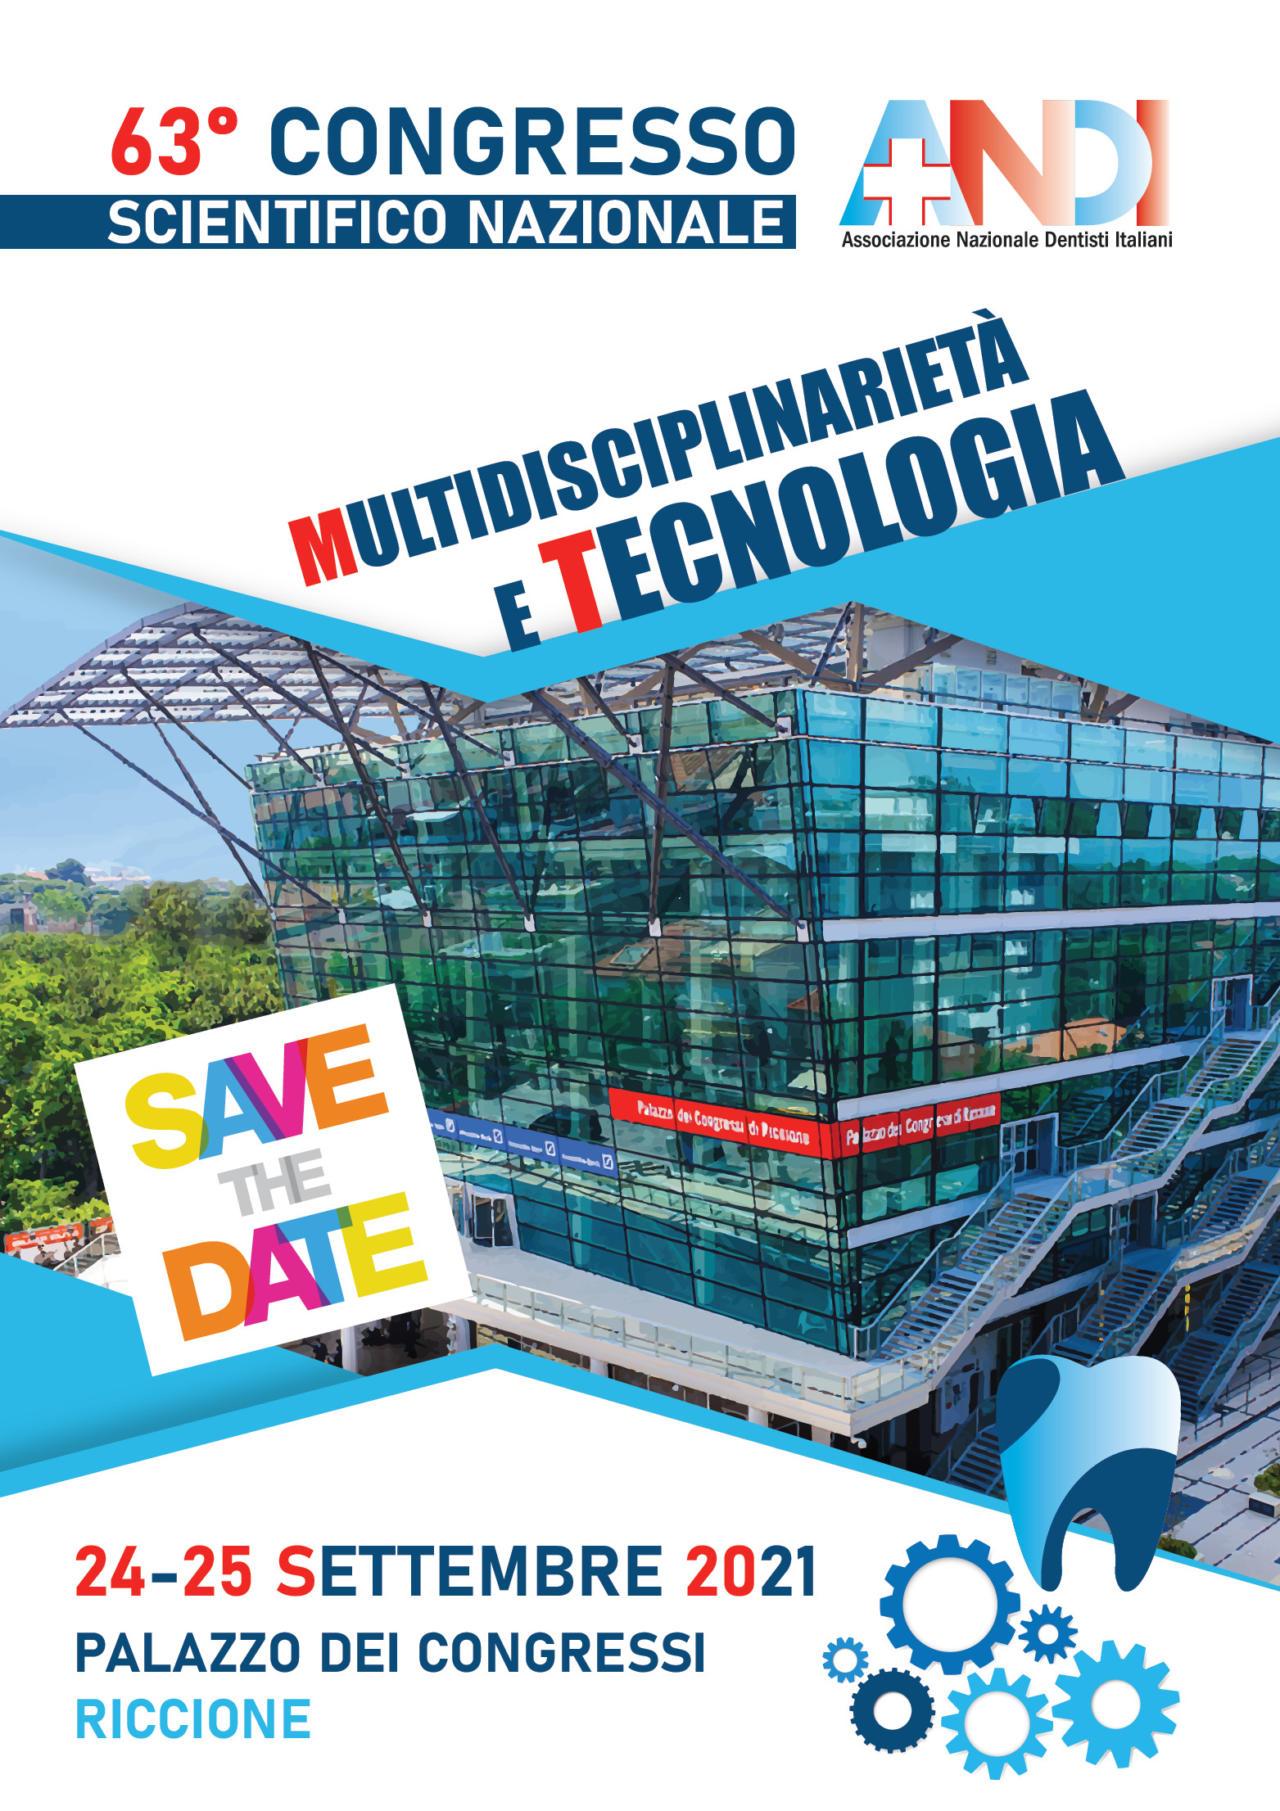 congresso 2021 Congresso Scientifico Nazionale ANDI – 24 e 25 settembre 2021 Palazzo dei Congressi di Riccione